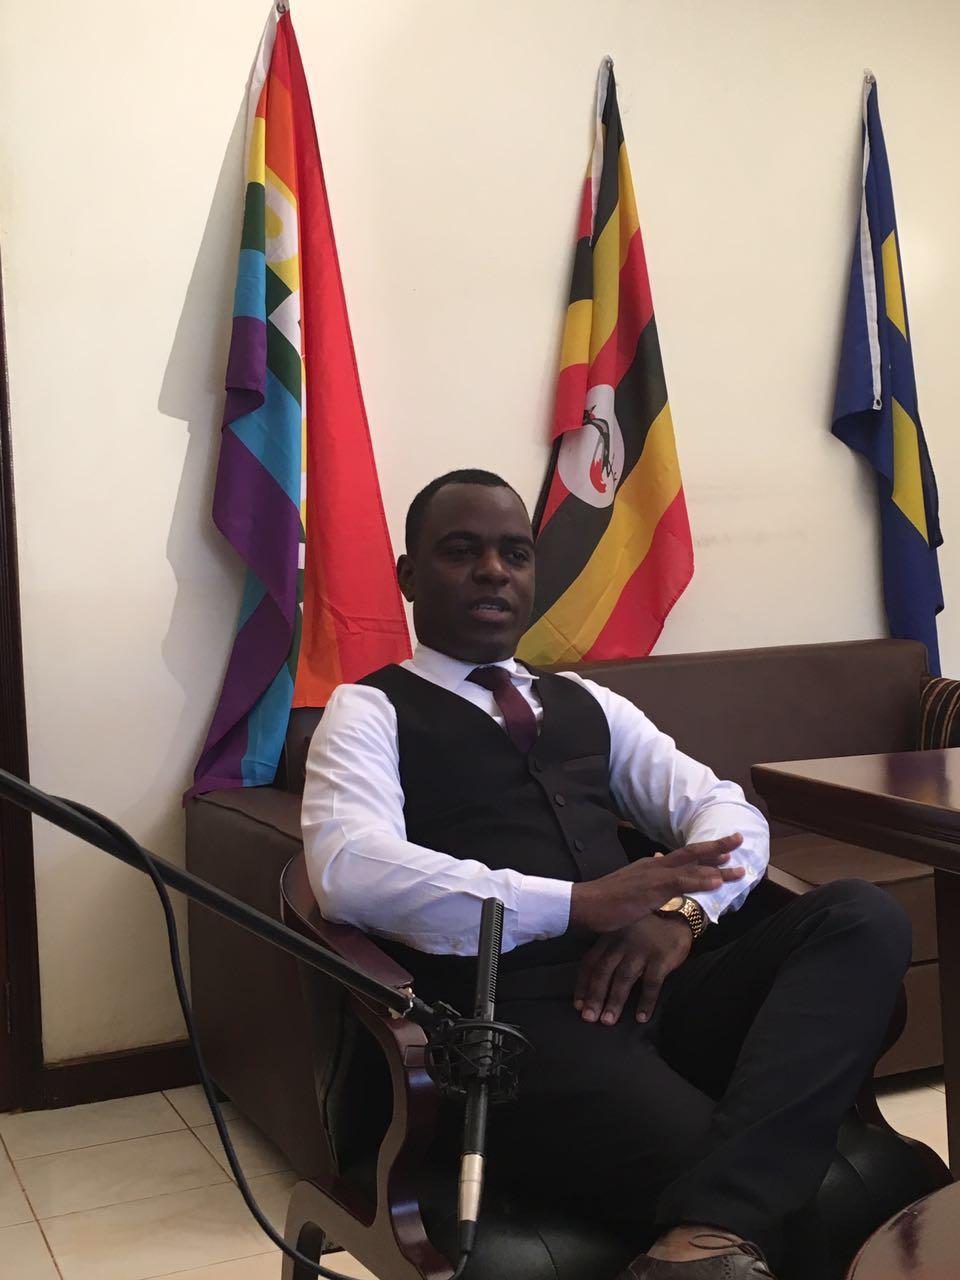 Sexual minorities uganda smug v lively